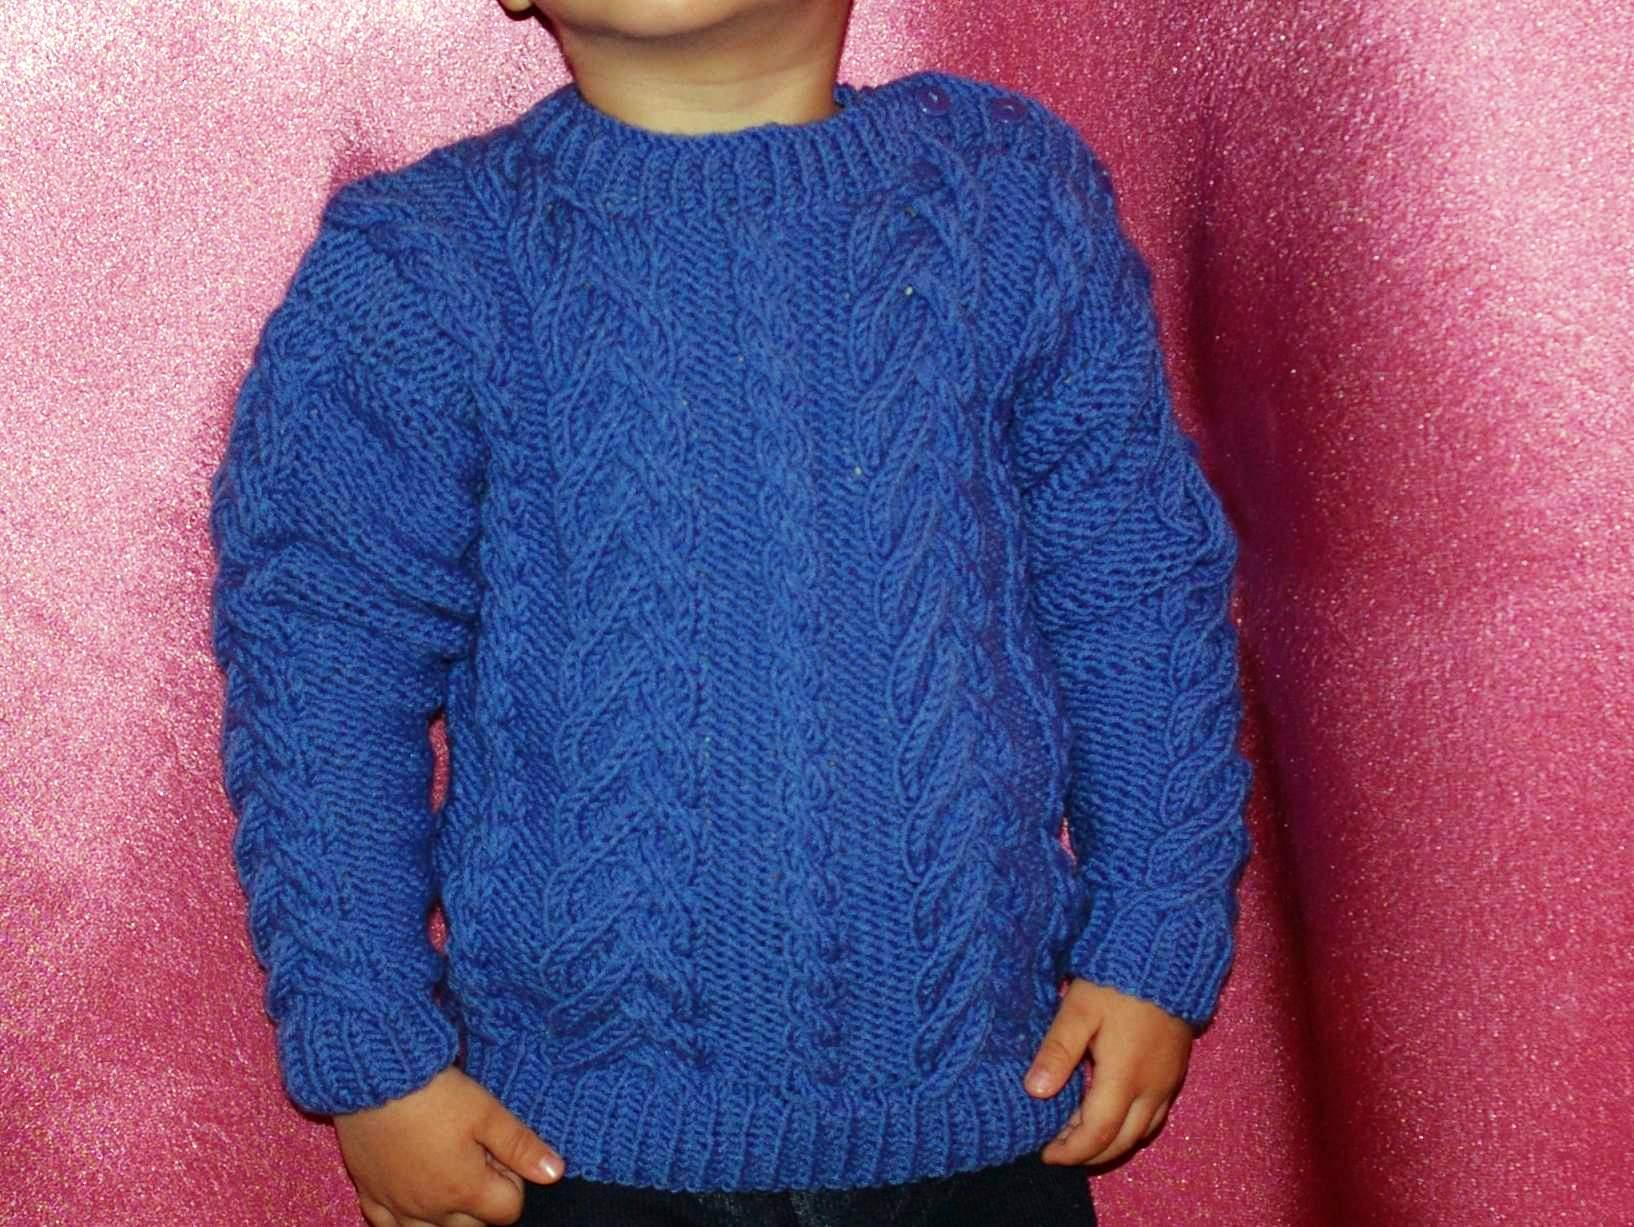 Вязание детского свитера с объёмными косами